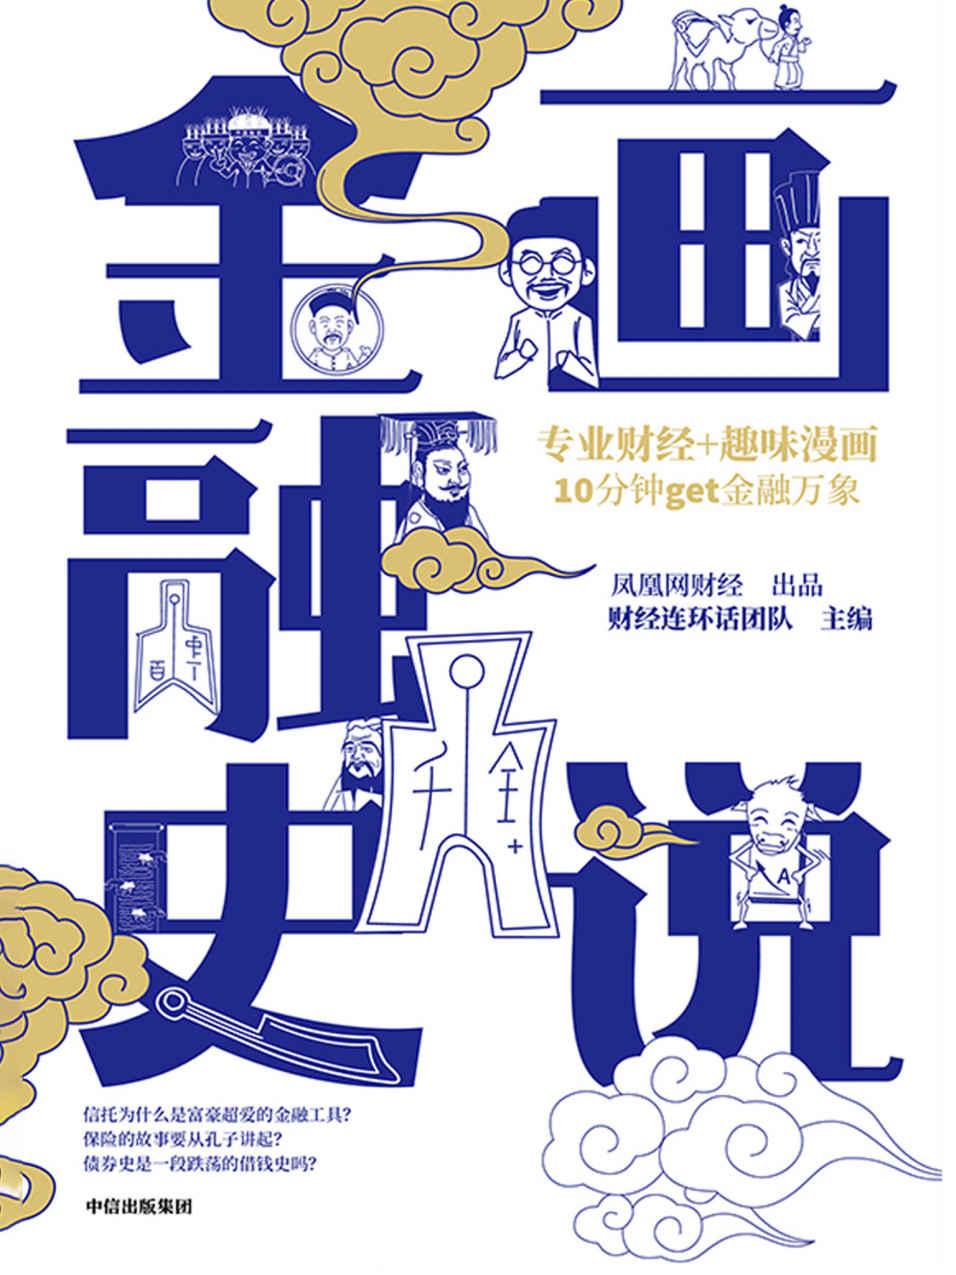 画说金融史—财经连环话团队主编—pdf+mobi+epub+txt+azw3电子书下载